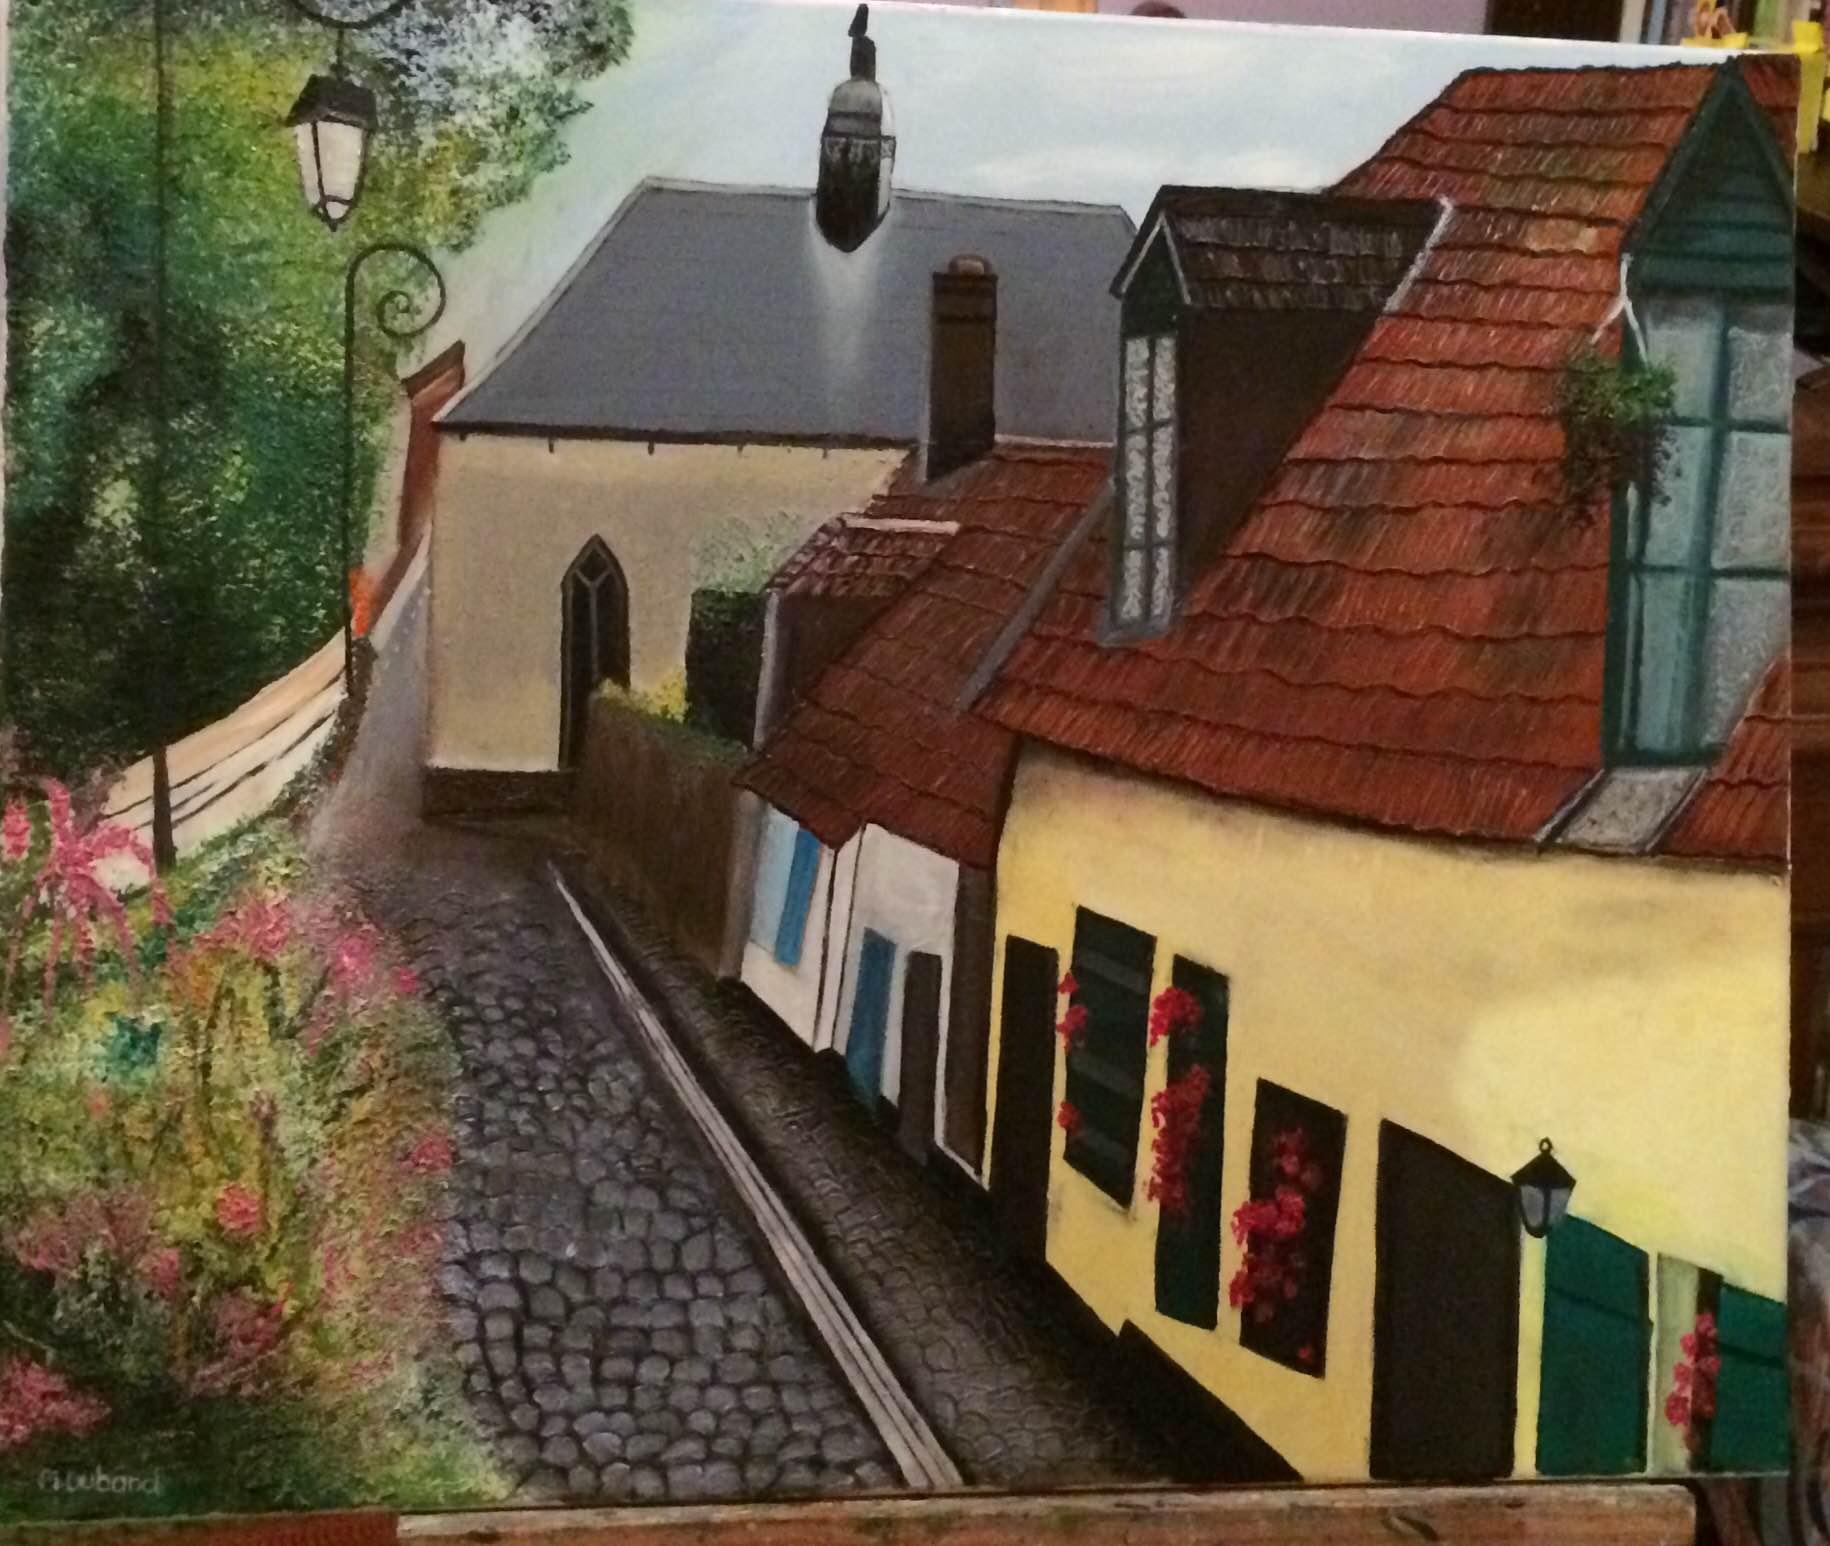 Rue pavée avec des maisons fleuries et des lampadaires